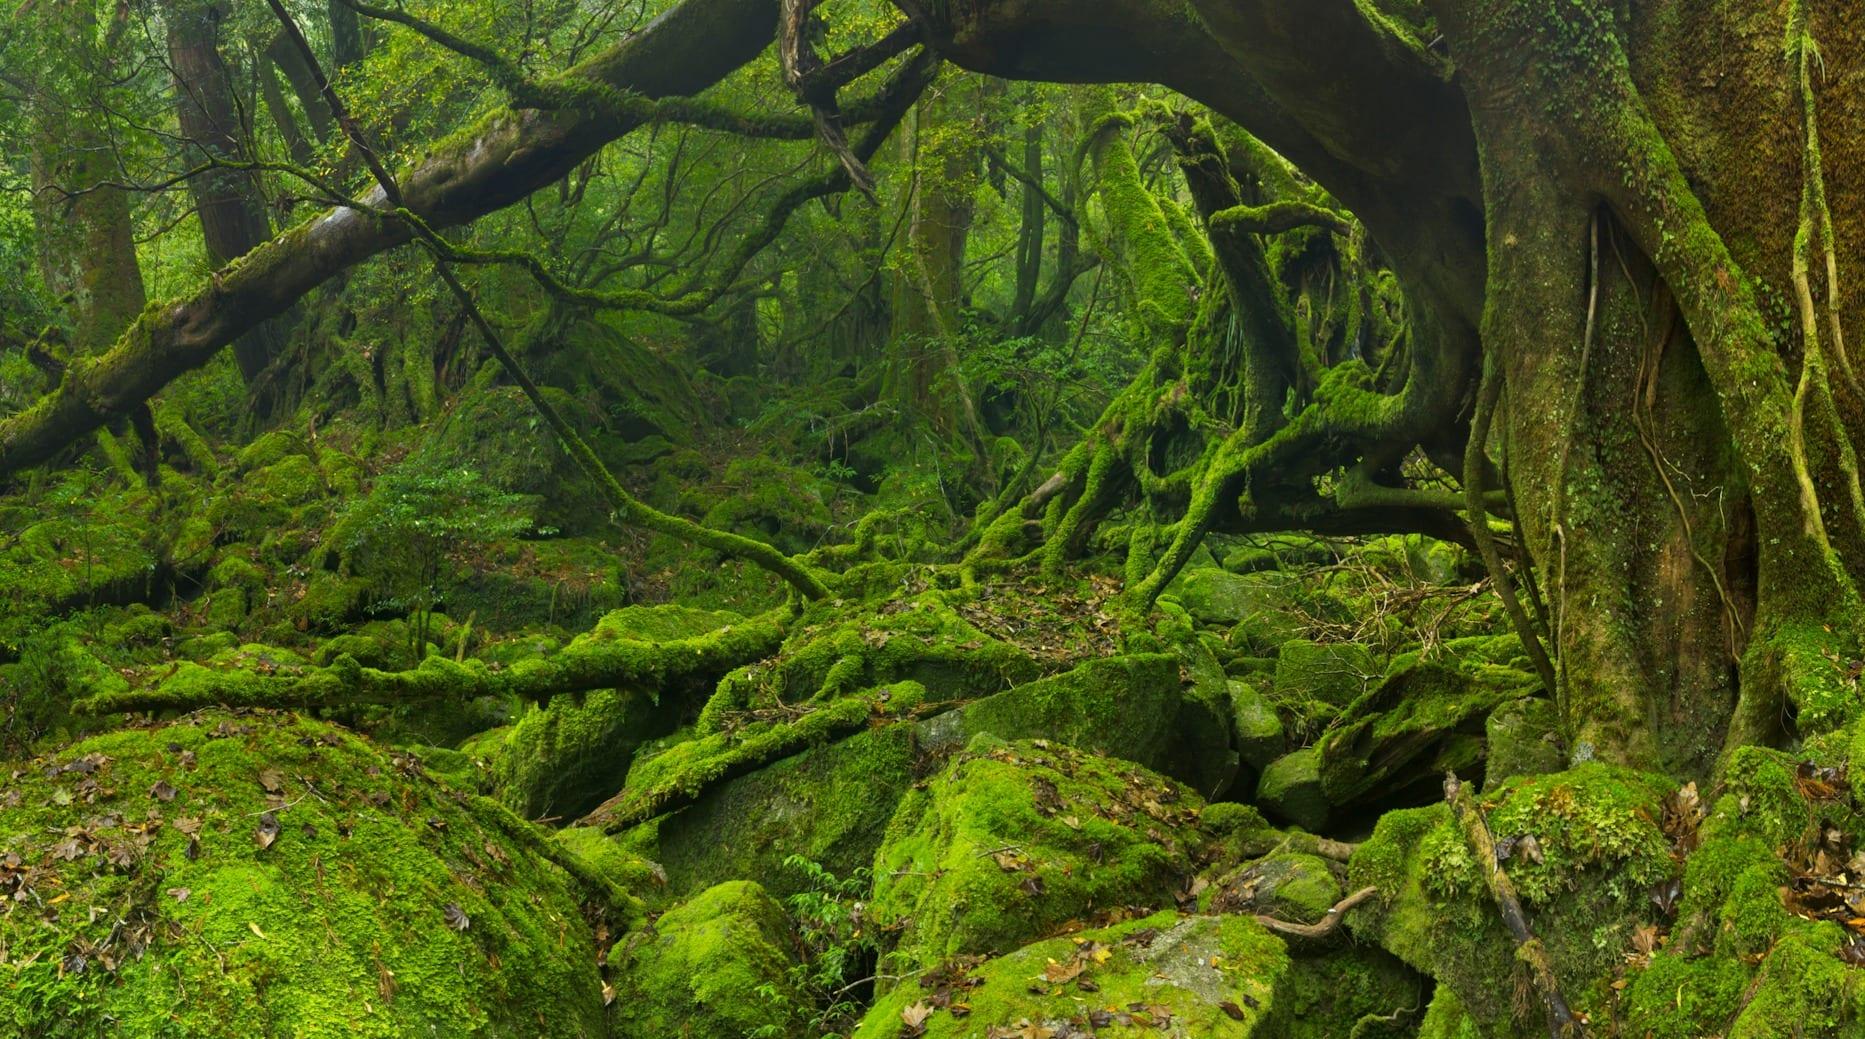 خزه ها در محیط طبیعی عموما در سایه و مکان های کم نور زندگی میکنند